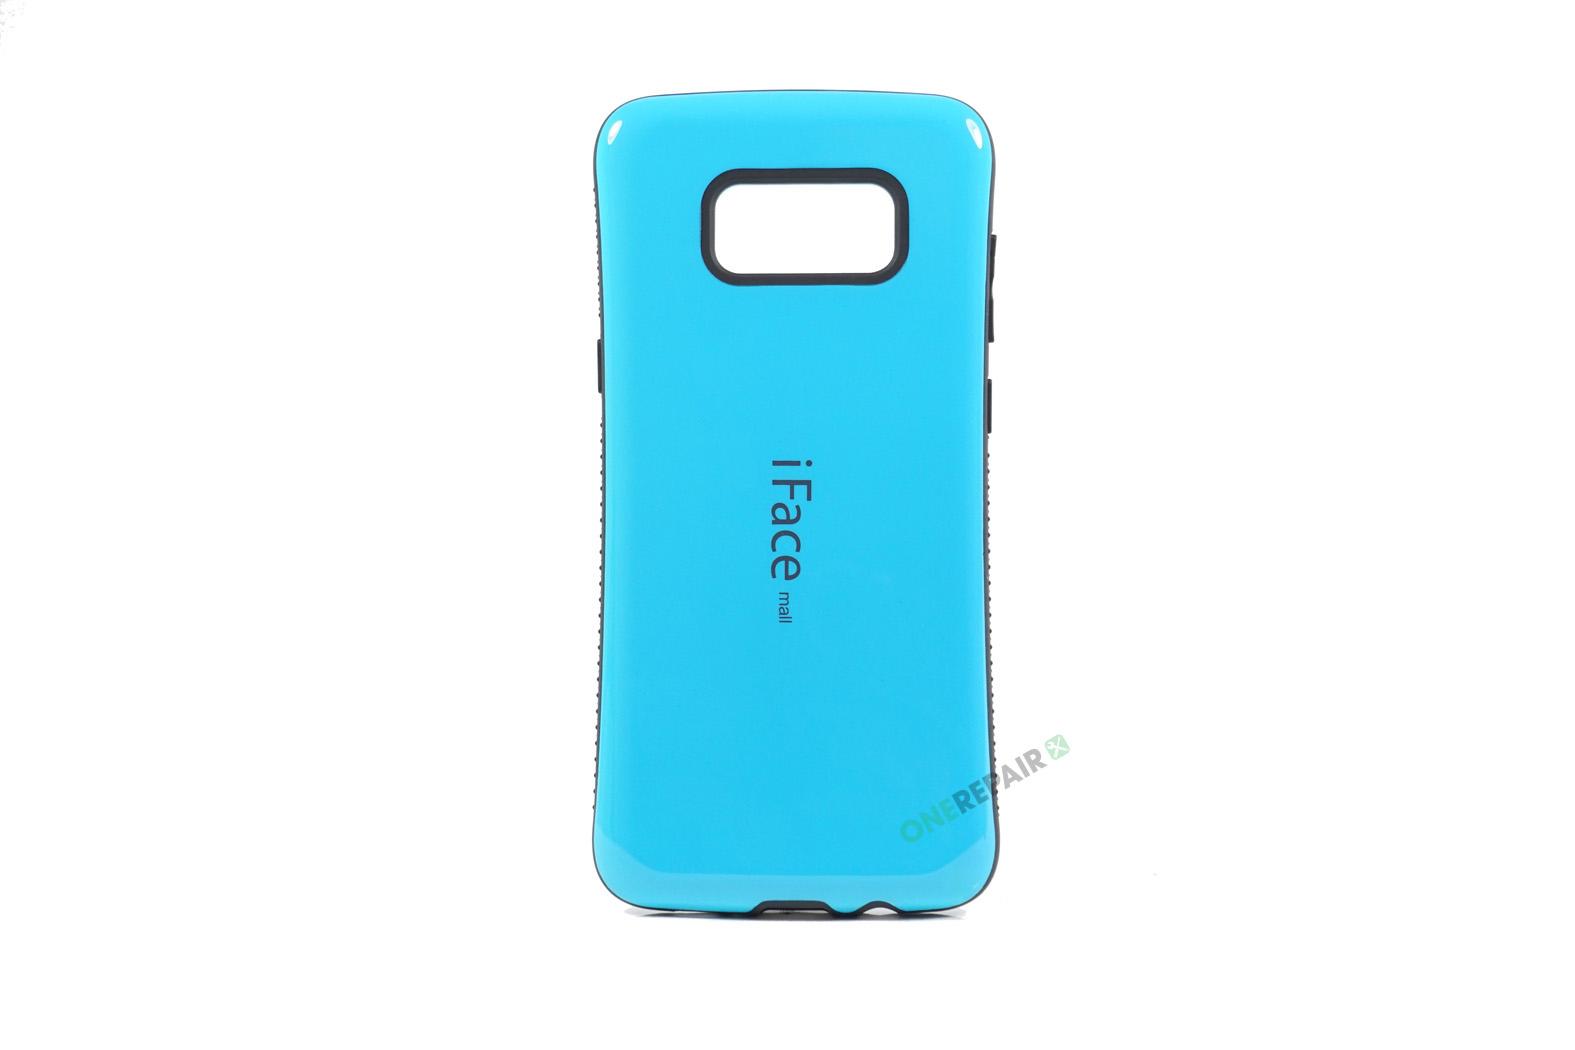 350715_Samsung_S8_iFace_Cover_Haandvaerker_Blaa_OneRepair_00001